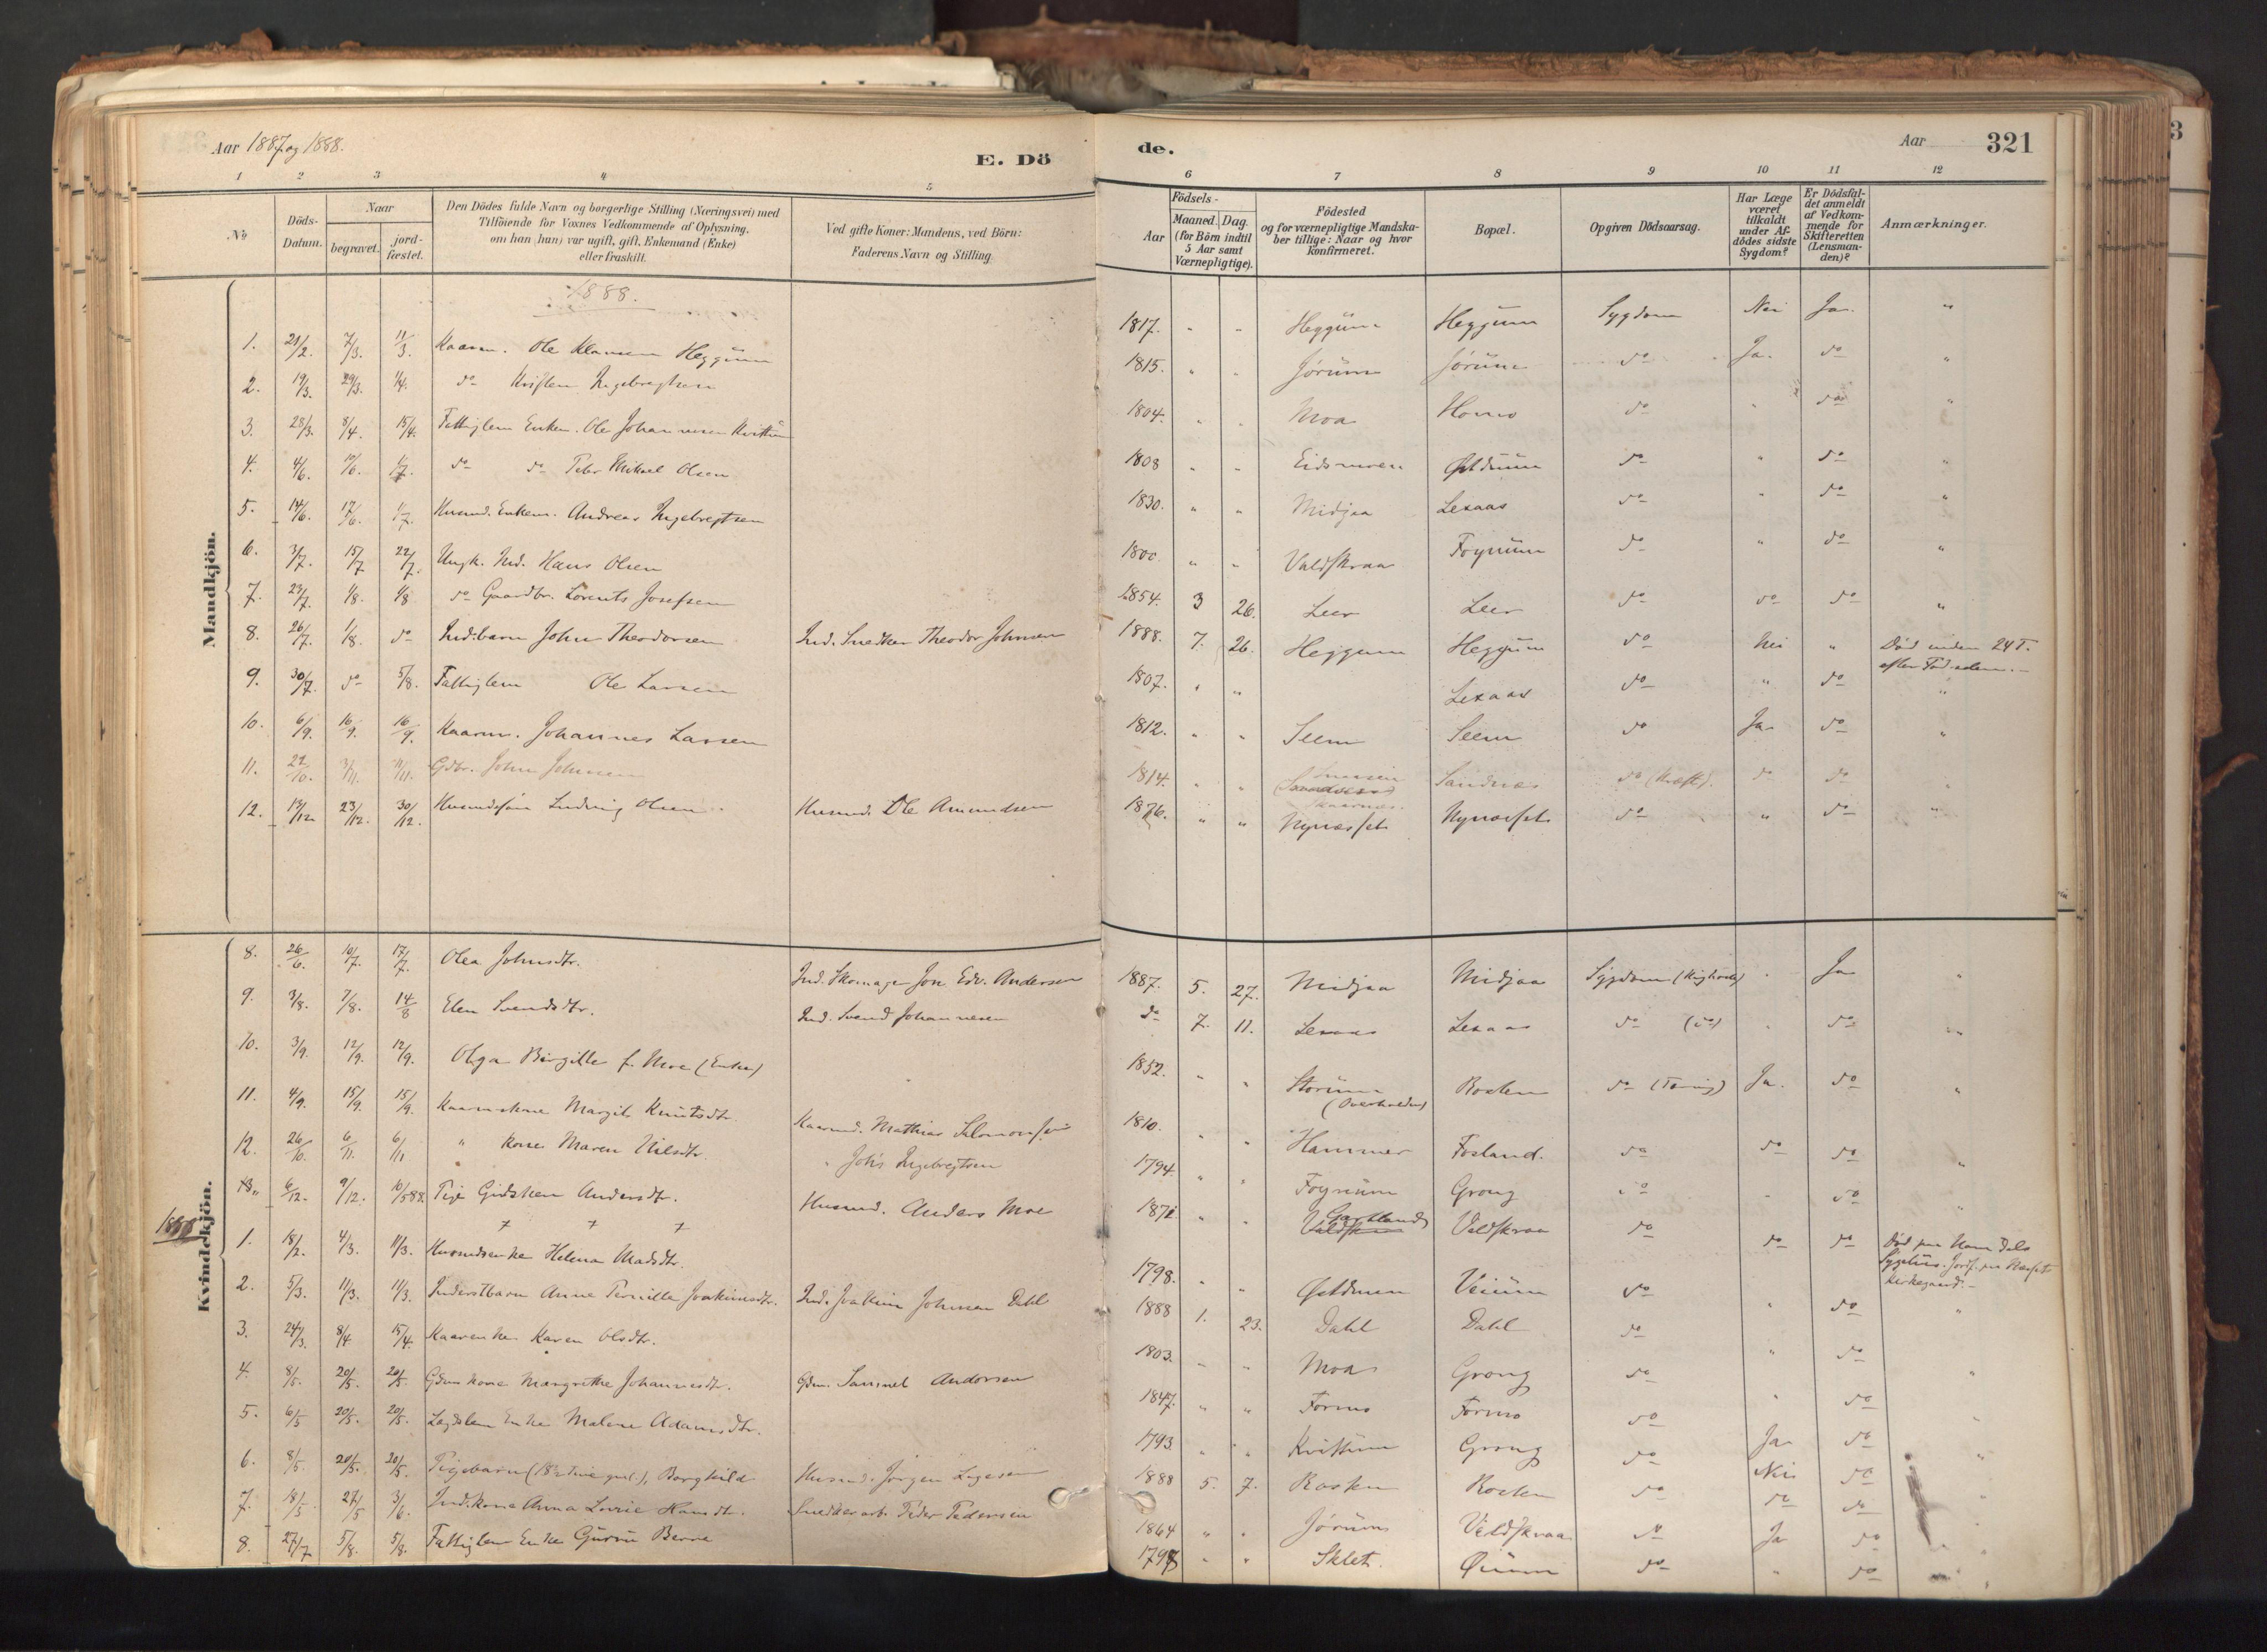 SAT, Ministerialprotokoller, klokkerbøker og fødselsregistre - Nord-Trøndelag, 758/L0519: Ministerialbok nr. 758A04, 1880-1926, s. 321